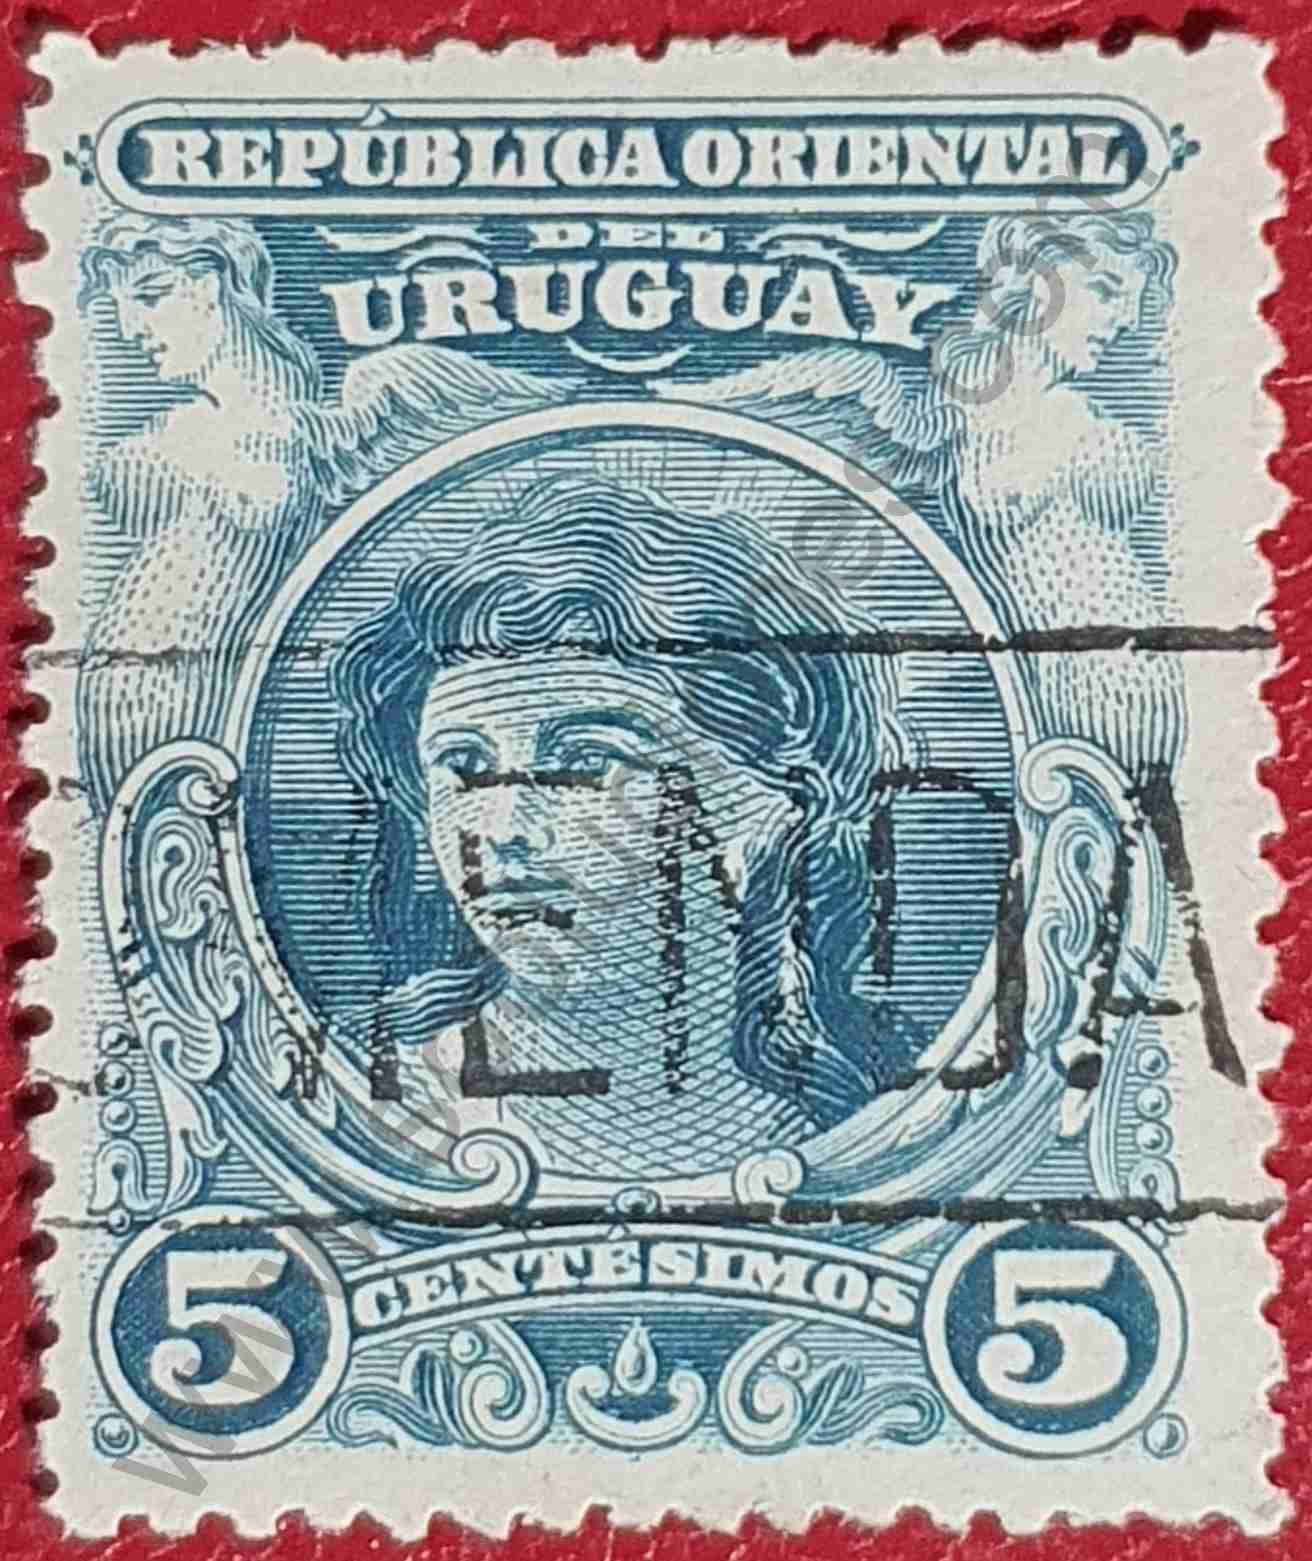 Cabeza de chica 5c - Sello de Uruguay año 1900